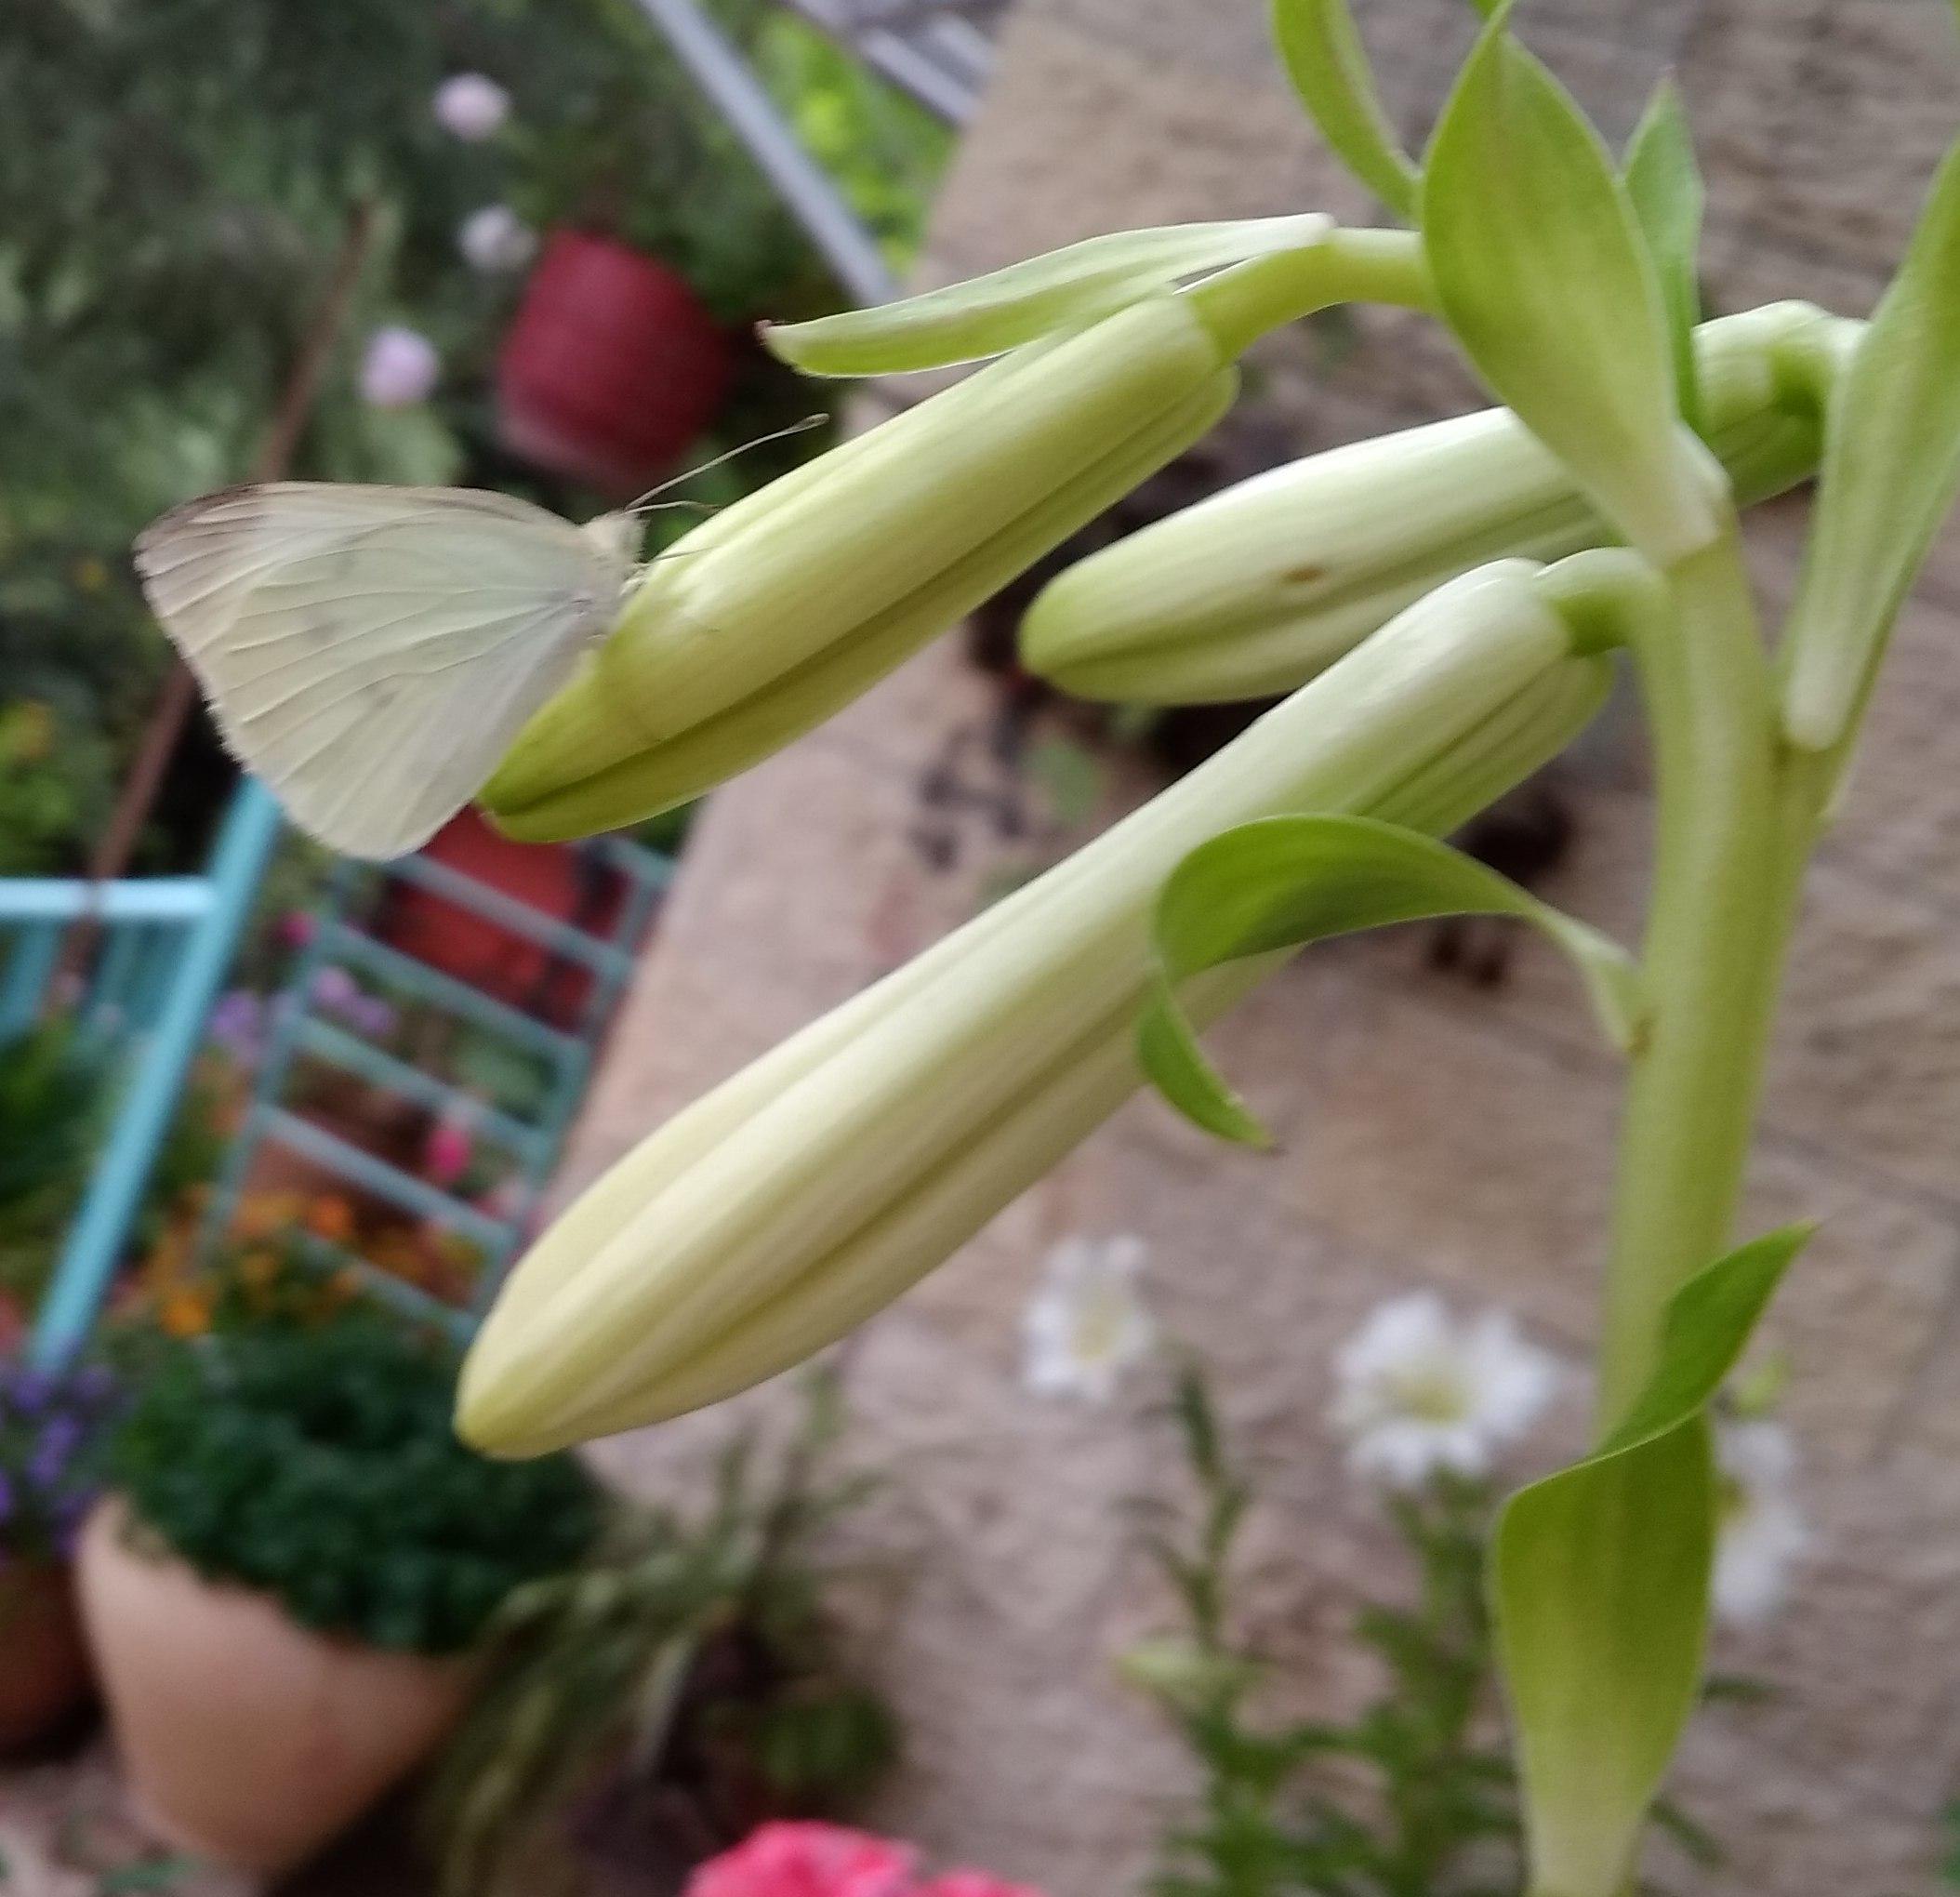 חדשות בוטניות: פרפר לבנין הכרוב בוחר לישון על פרח לבן של שושן